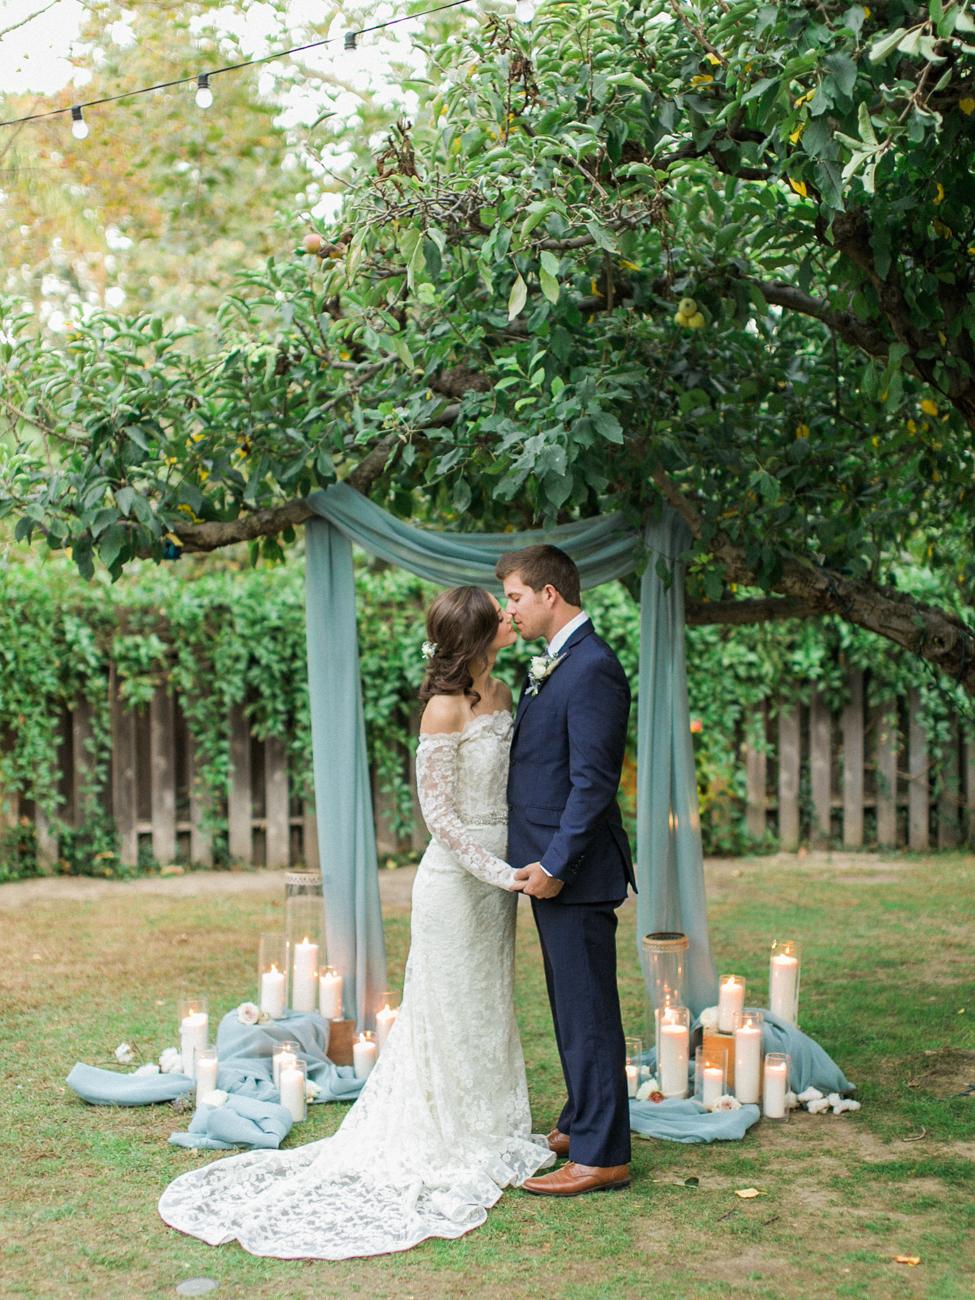 DennisRoyCoronel__RanchoLasLomas_Wedding-135.jpg